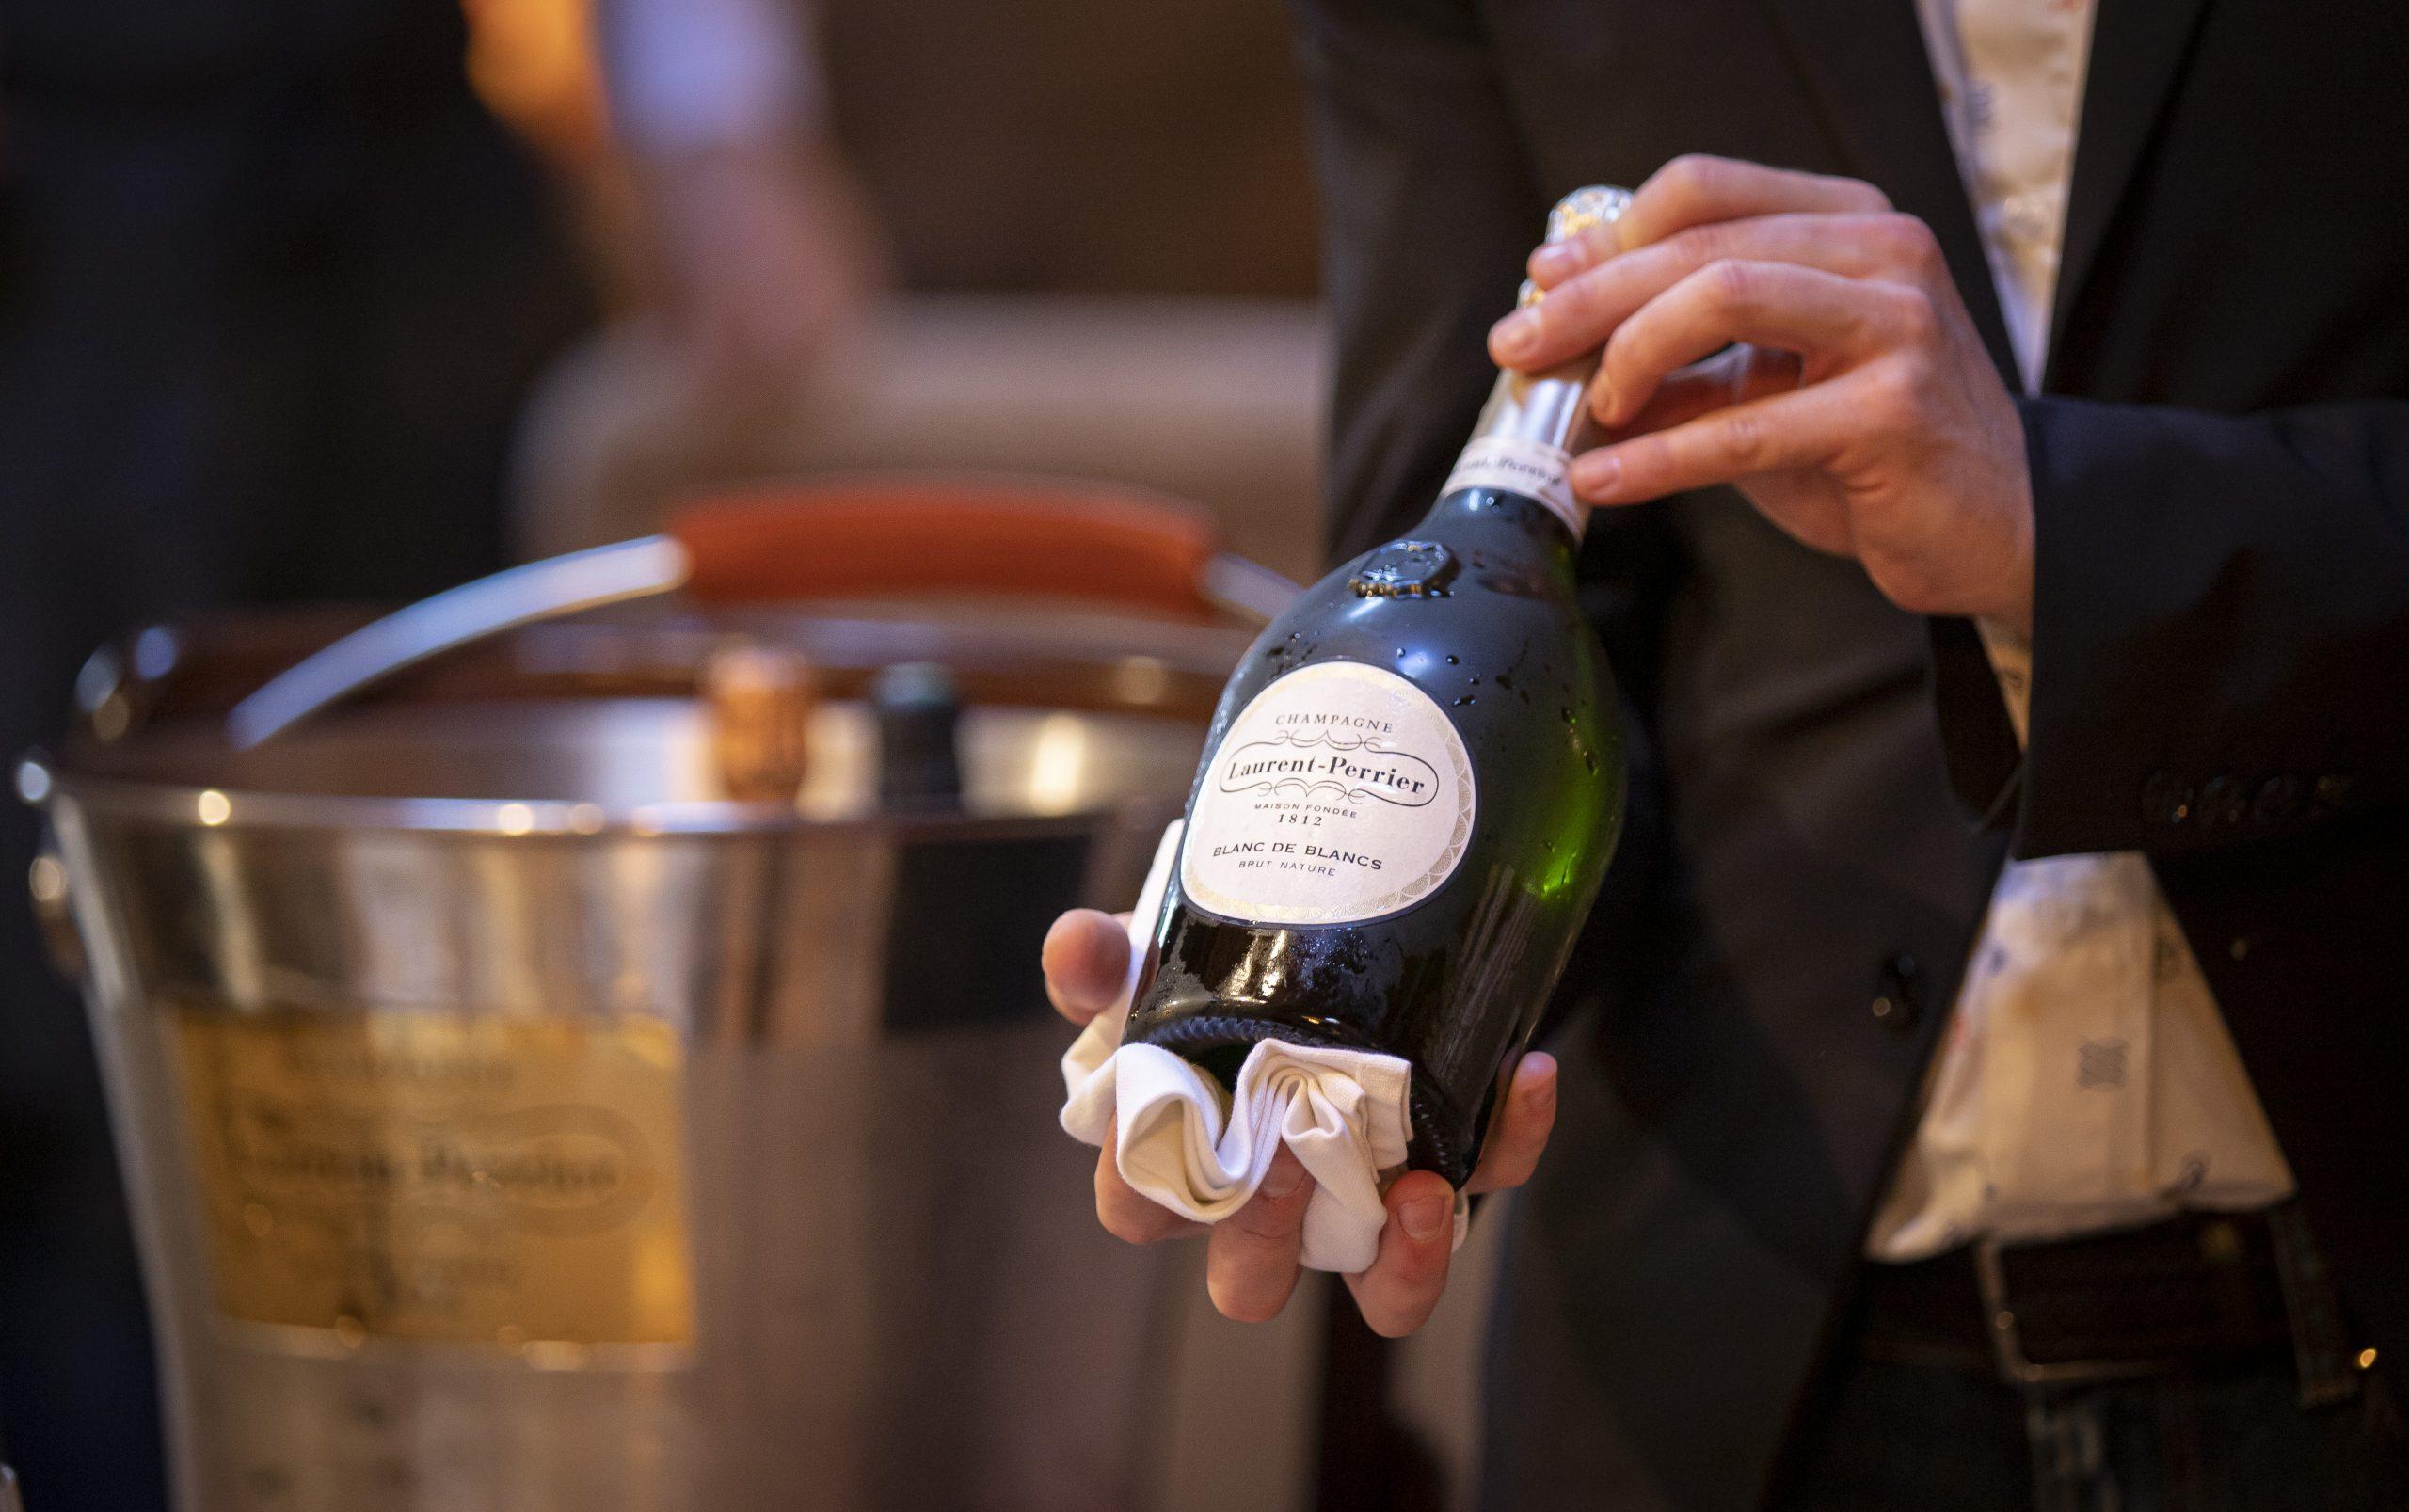 Una de las botella de Laurent-Perrier / Foto: Estimar